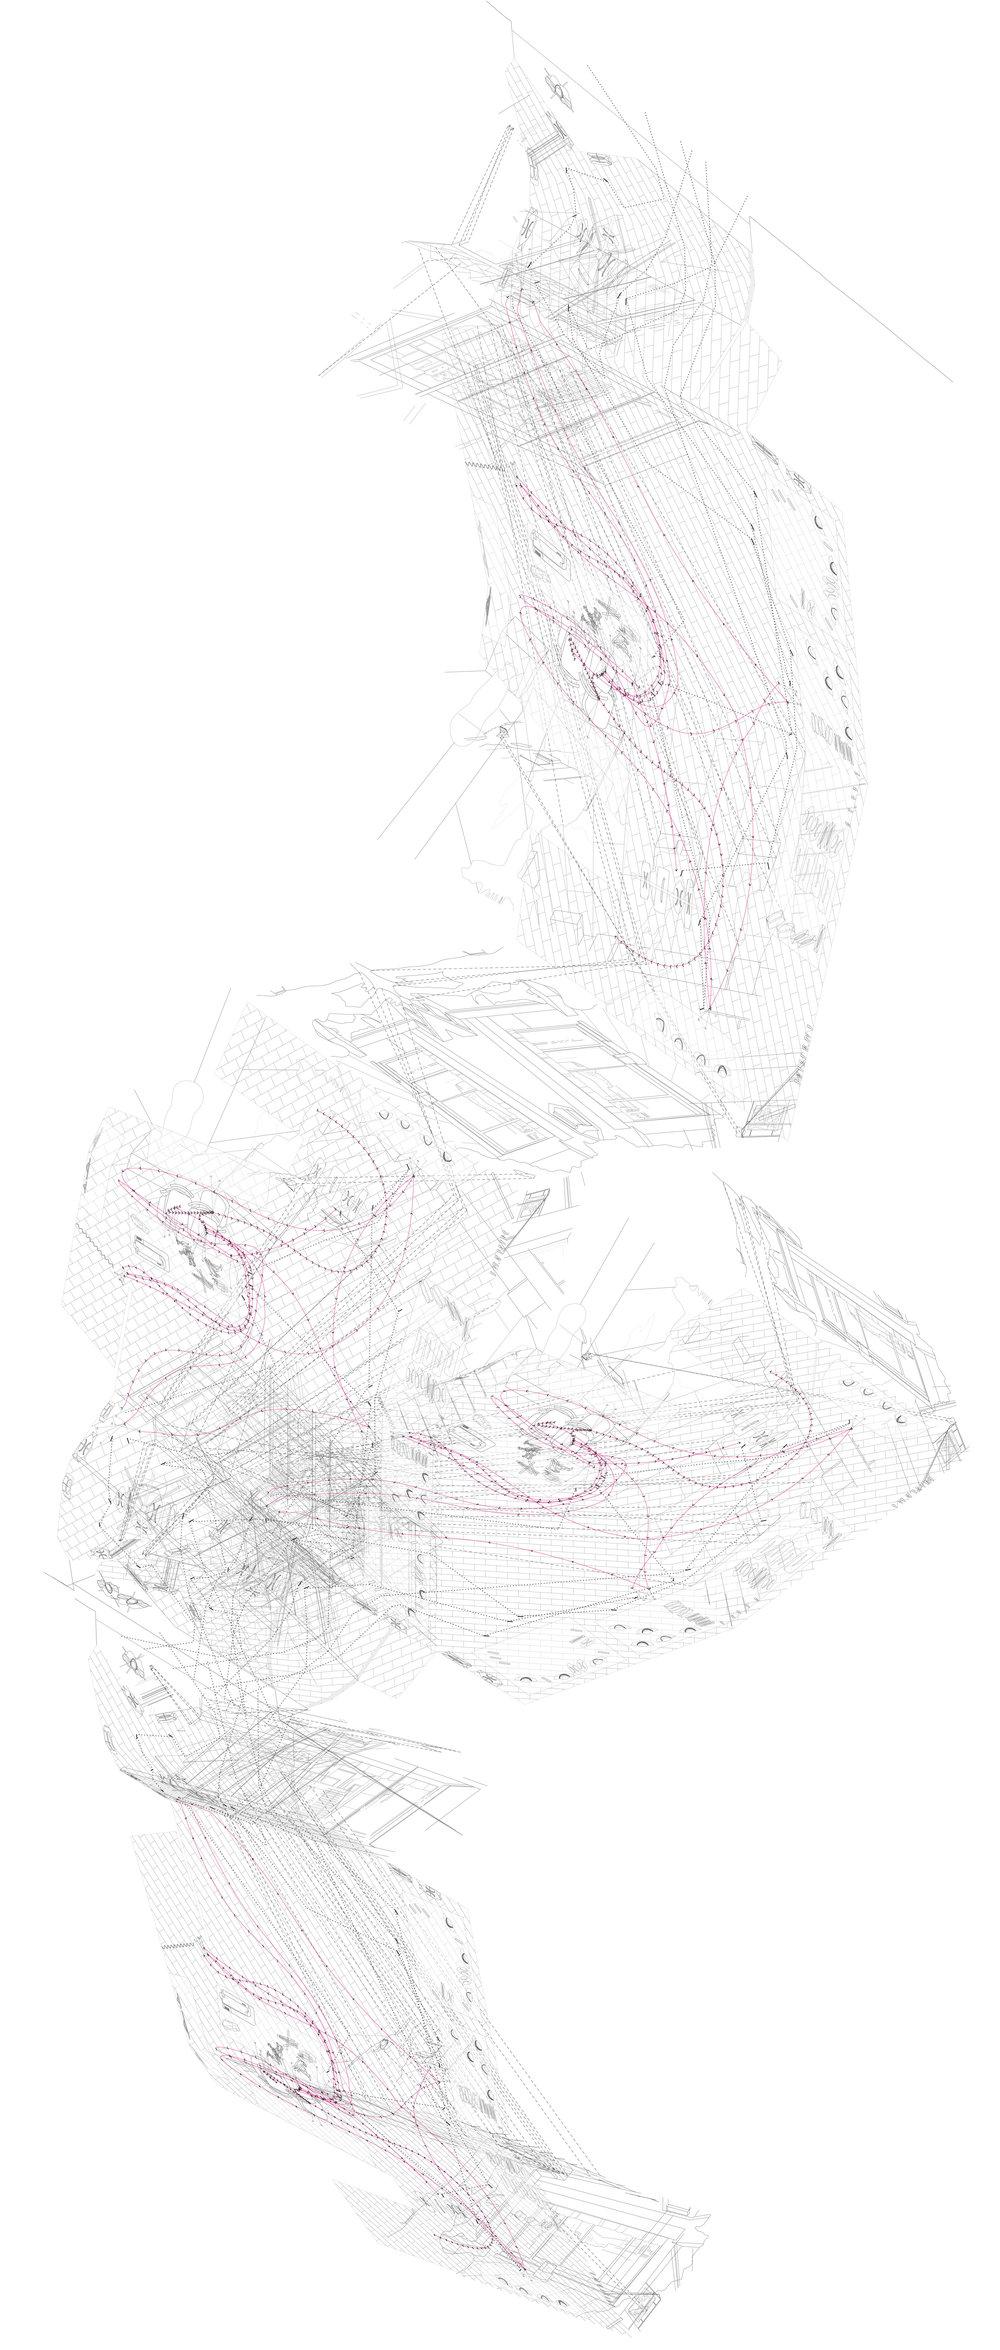 BirdwiththeCrystalPlumage+PasVu.jpg